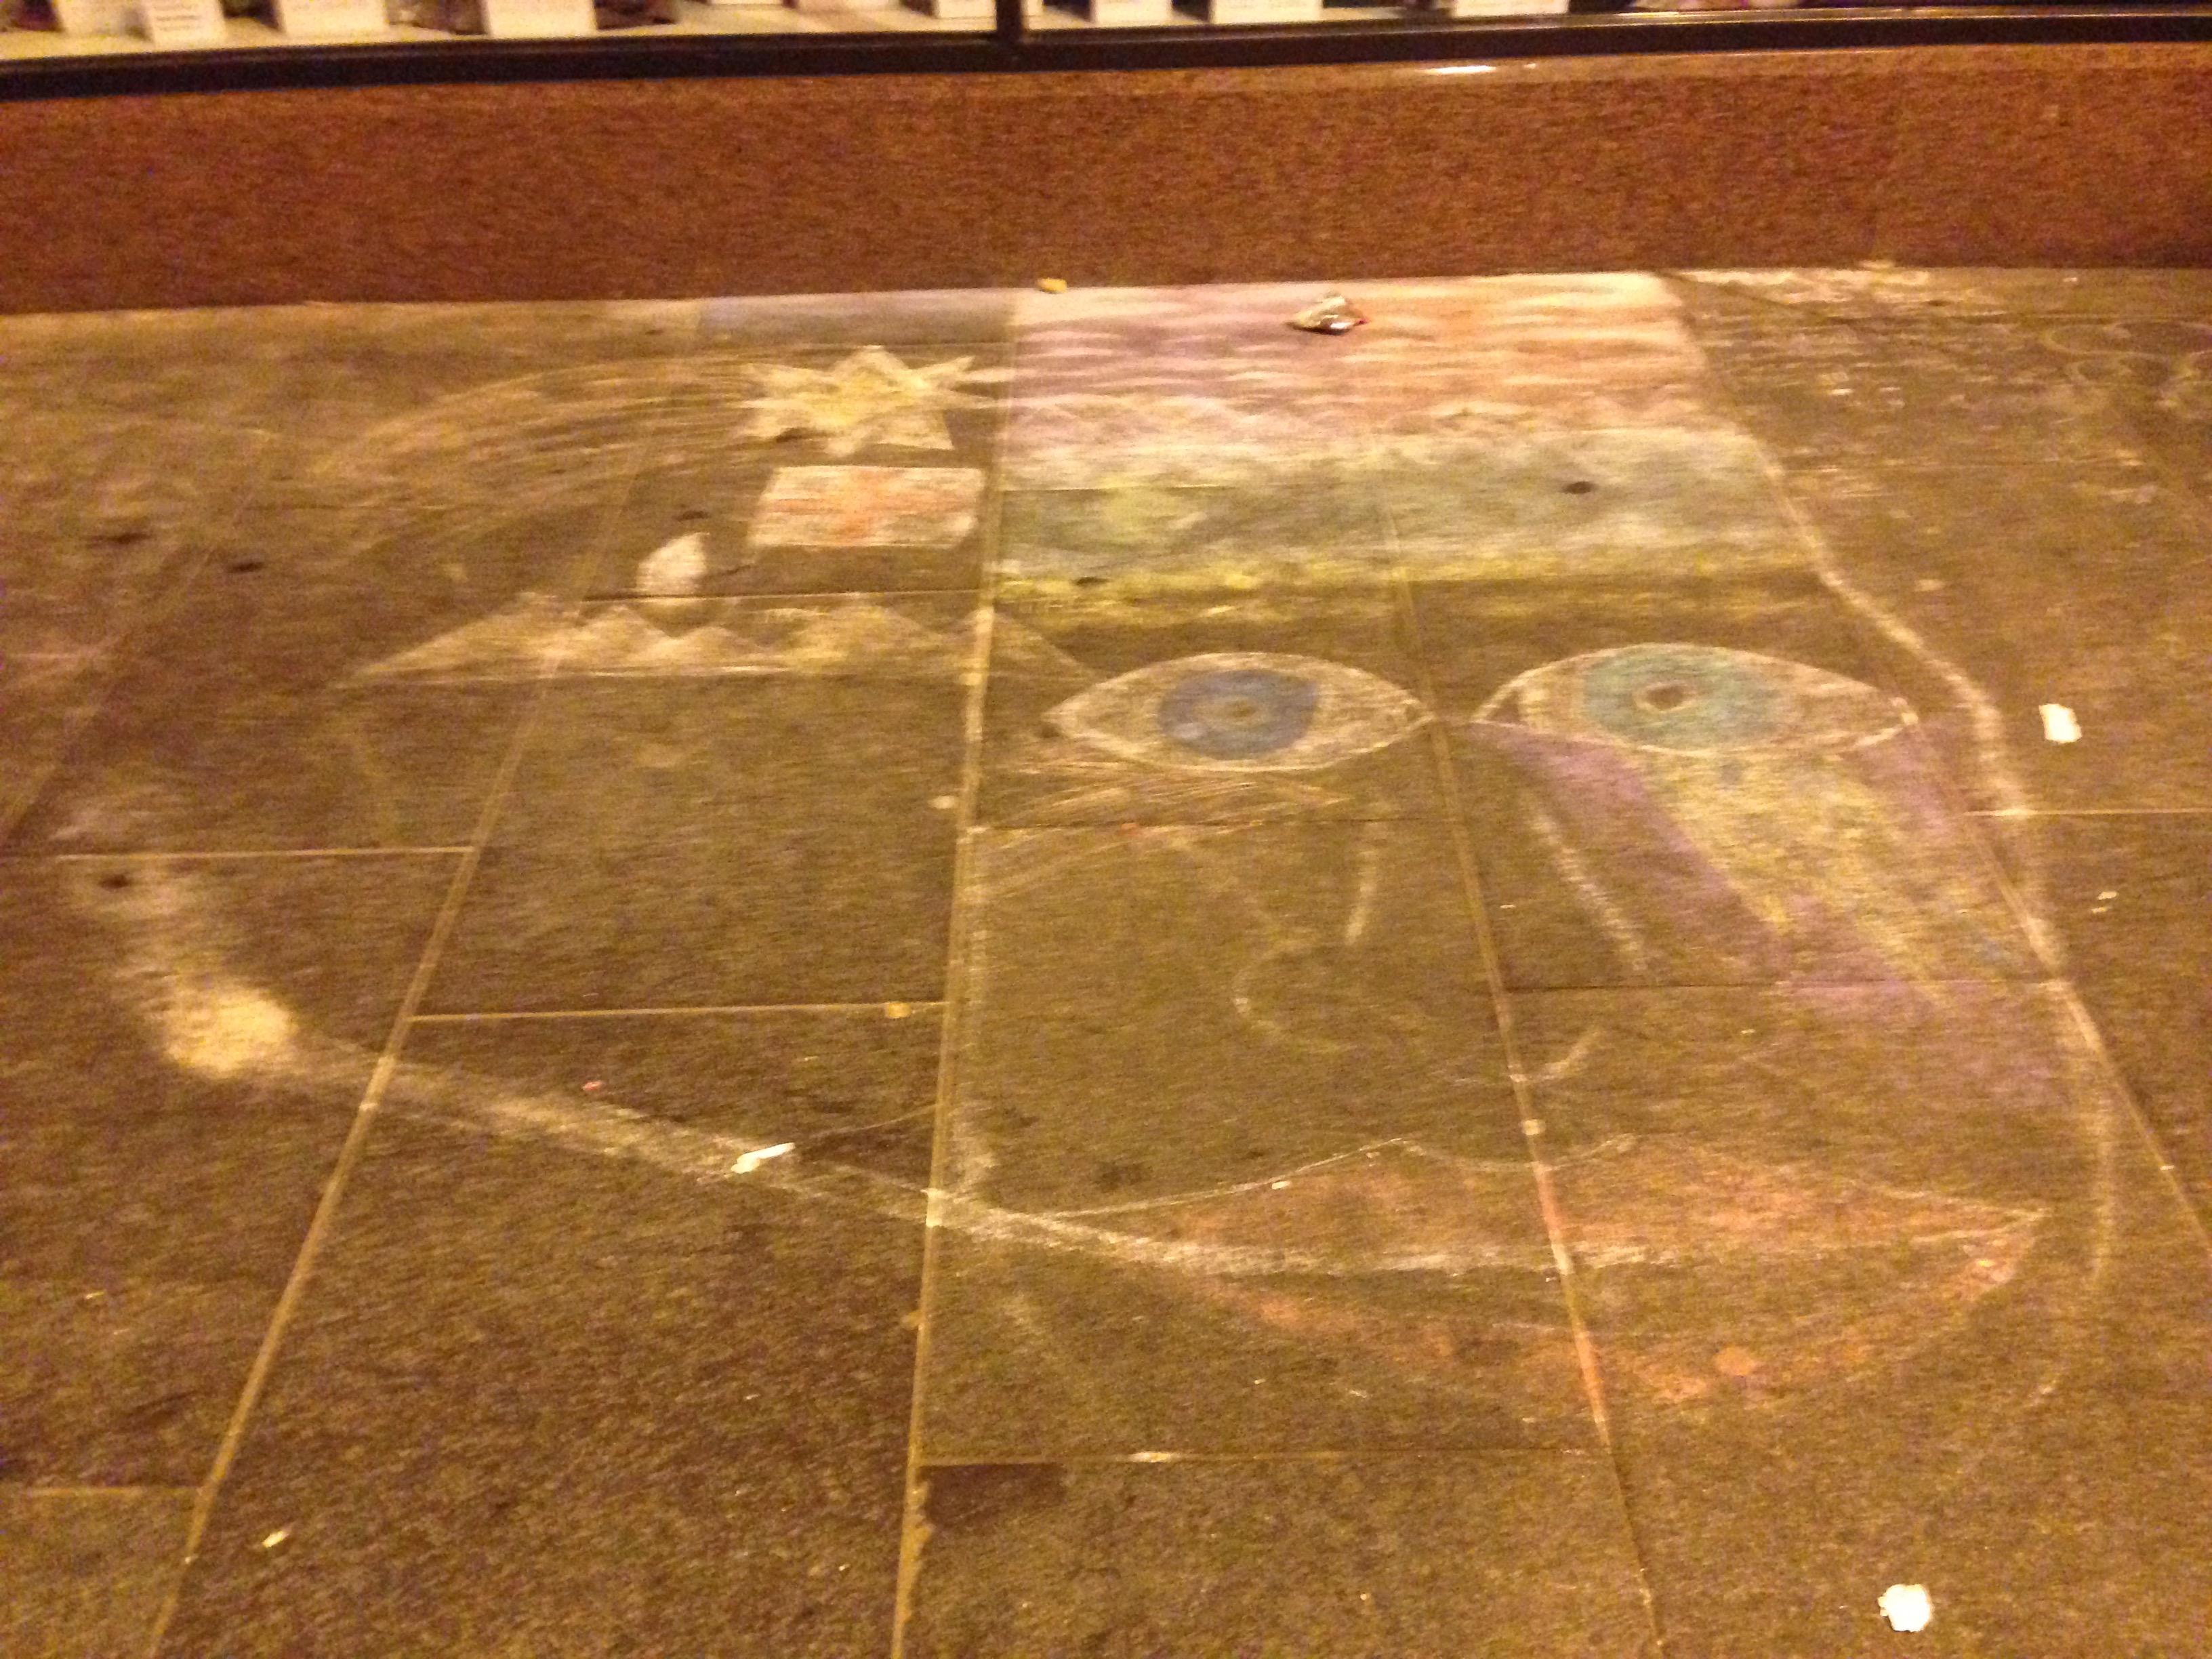 Brixton sidewalk